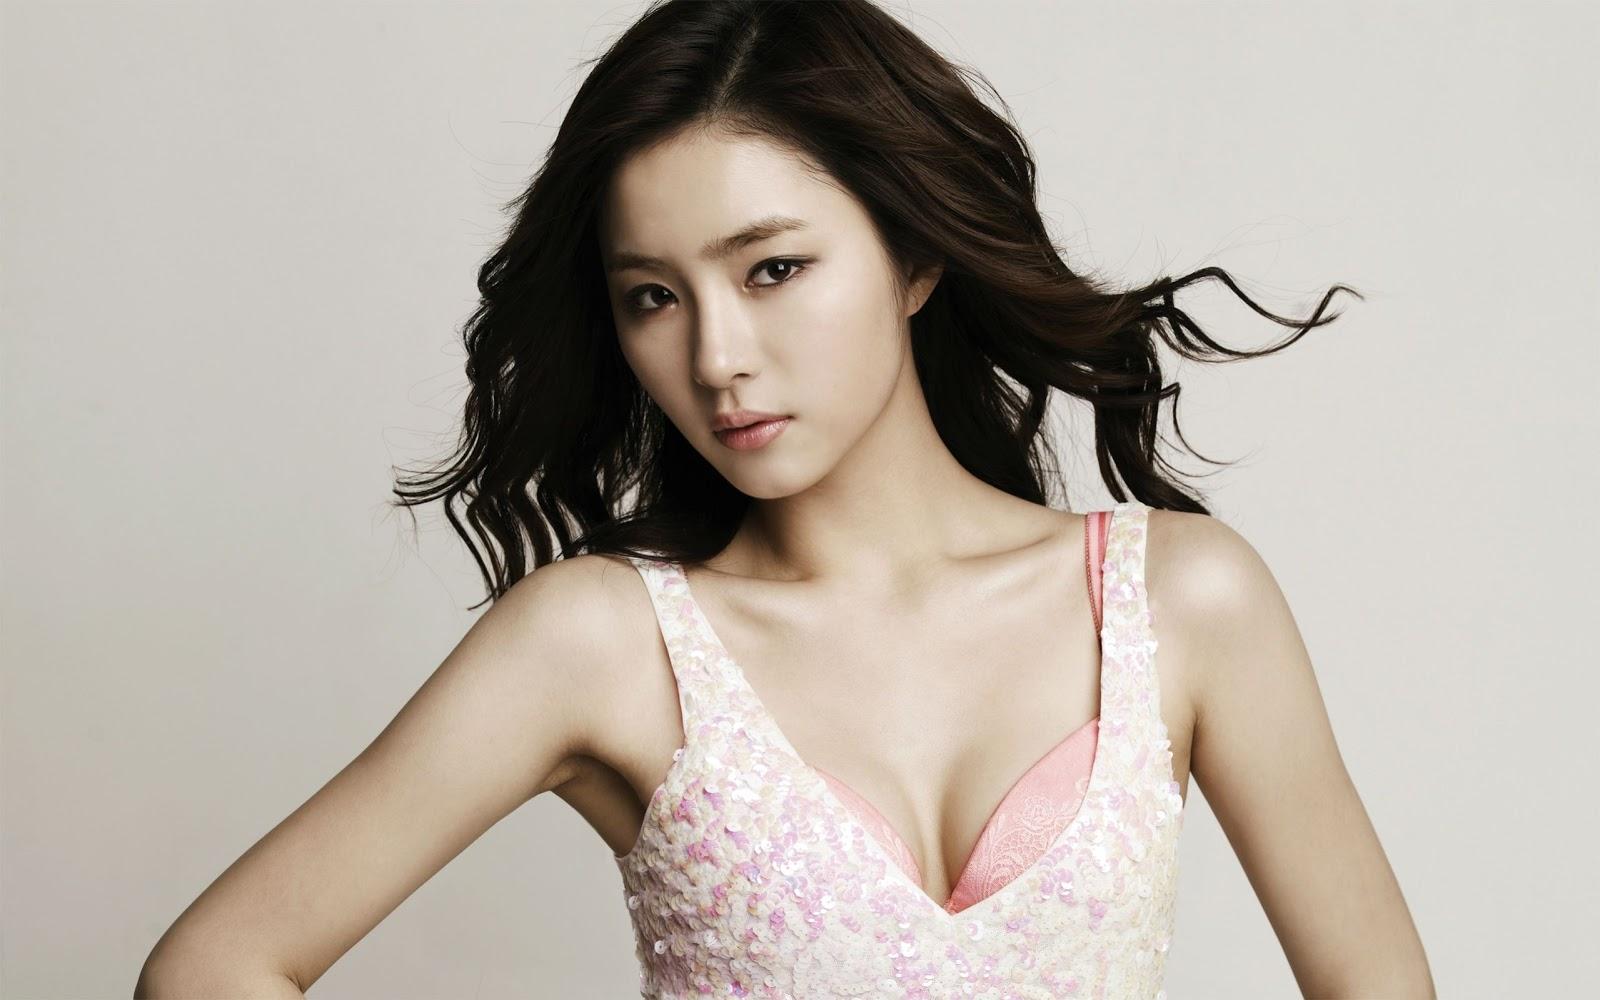 http://2.bp.blogspot.com/-bOqTBowfy3Y/UR7XbZP8L6I/AAAAAAAAcoY/ndSxHZTFSgs/s1600/Shin+Se+Kyung+Hot+Wallpaper+HD+4.jpg